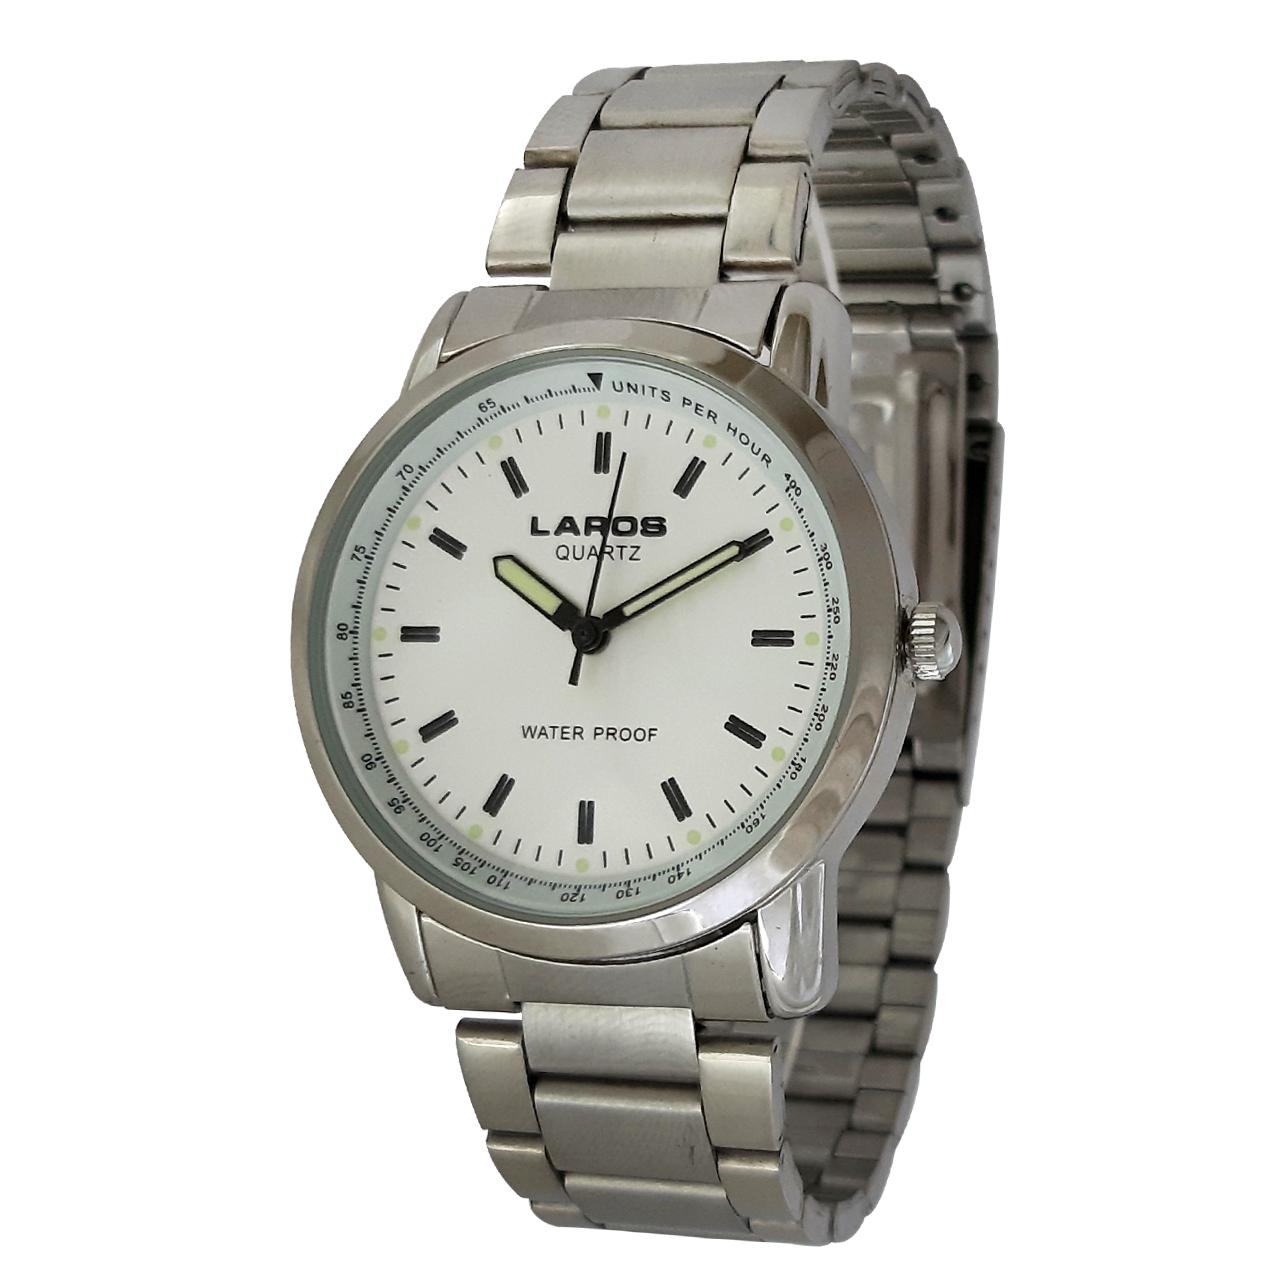 ساعت مچی عقربه ای مردانه لاروس مدل 1216-73483 به همراه دستمال مخصوص برند کلین واچ